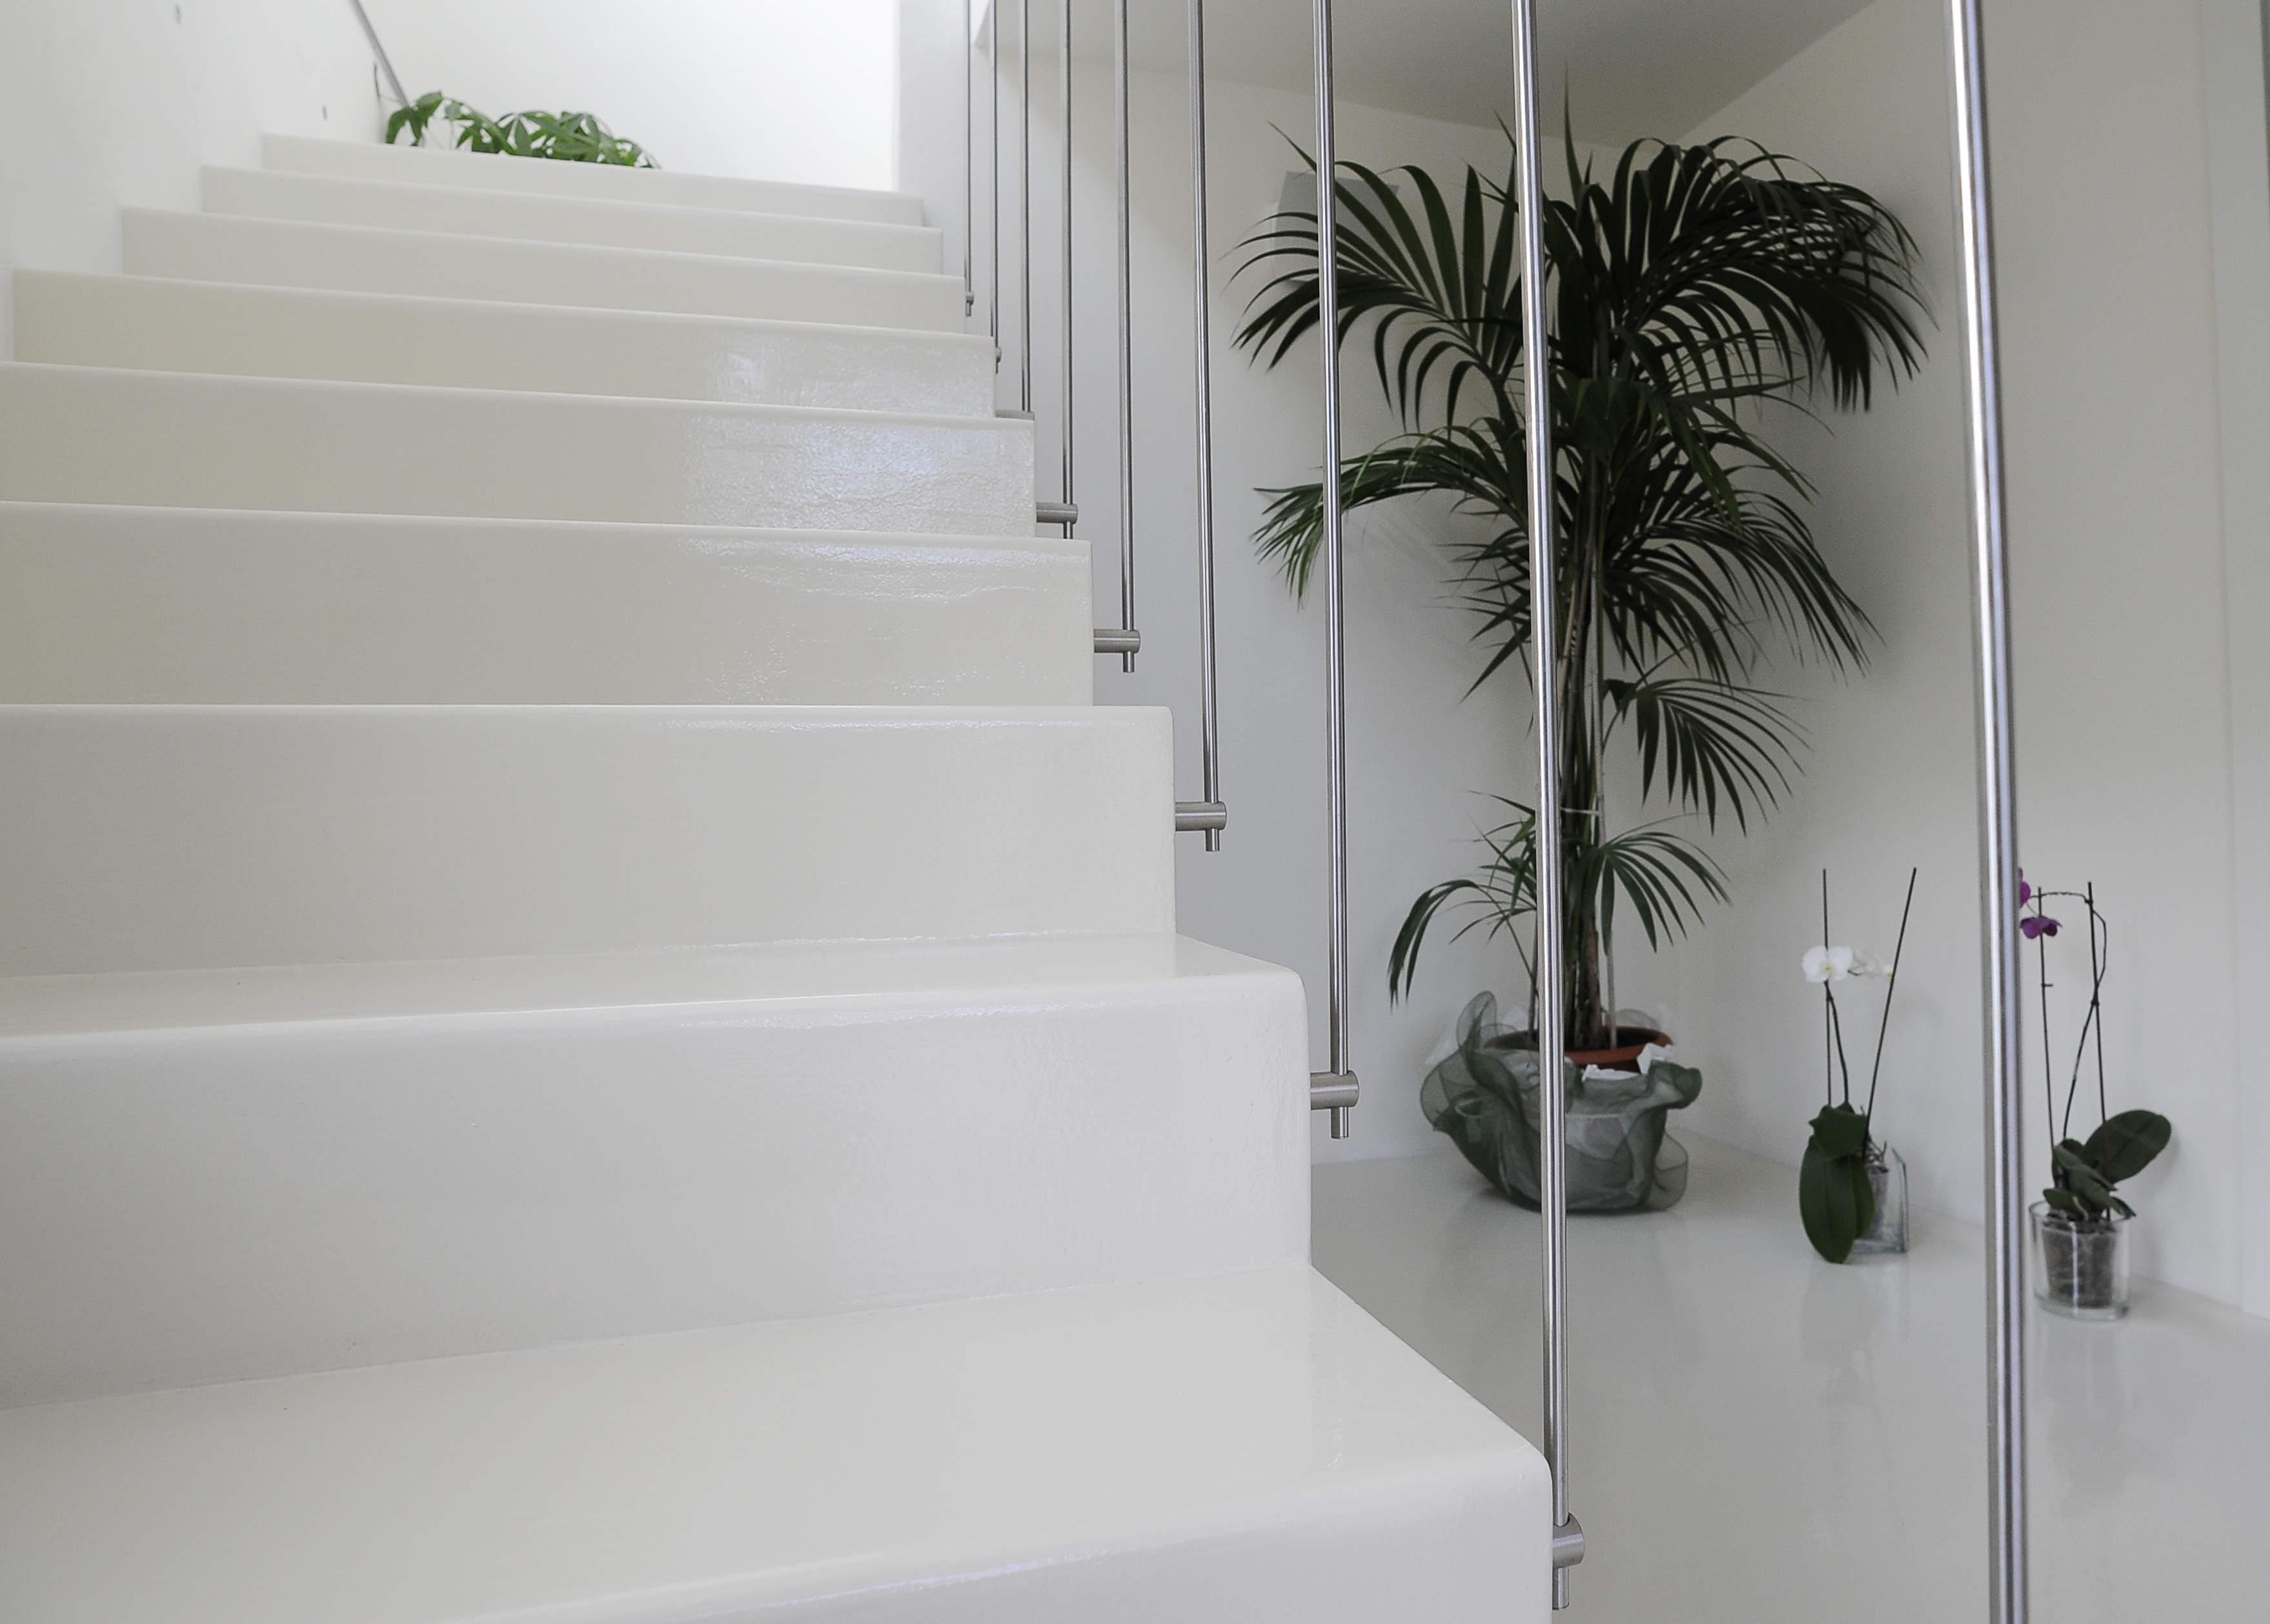 Design Di Interni Ed Esterni : Design di interni ed esterni. ristrutturazioni e riaqualificazioni